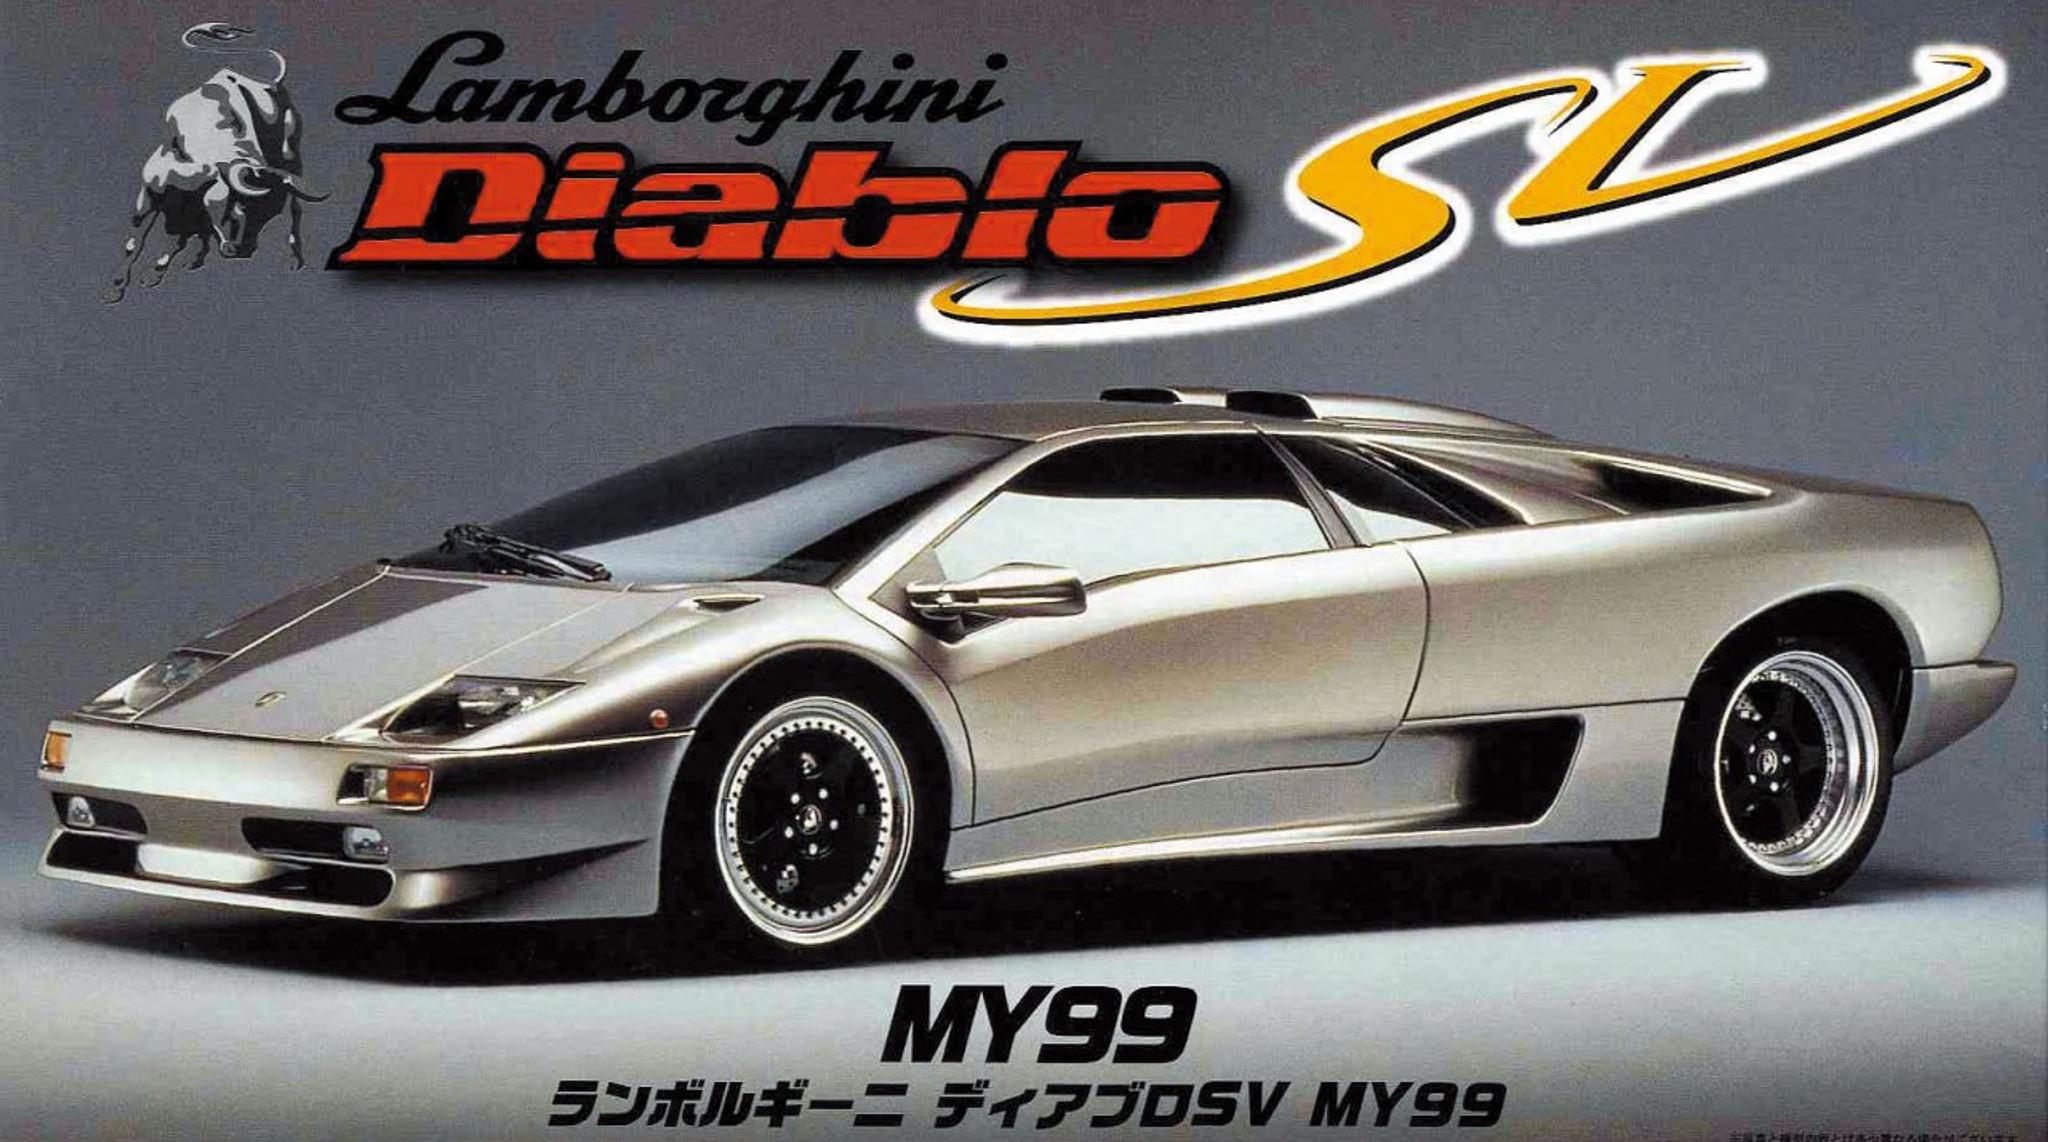 Fujimi Rs 27 Lamborghini Diablo Sv My99 1 24 Scale Kit 121901